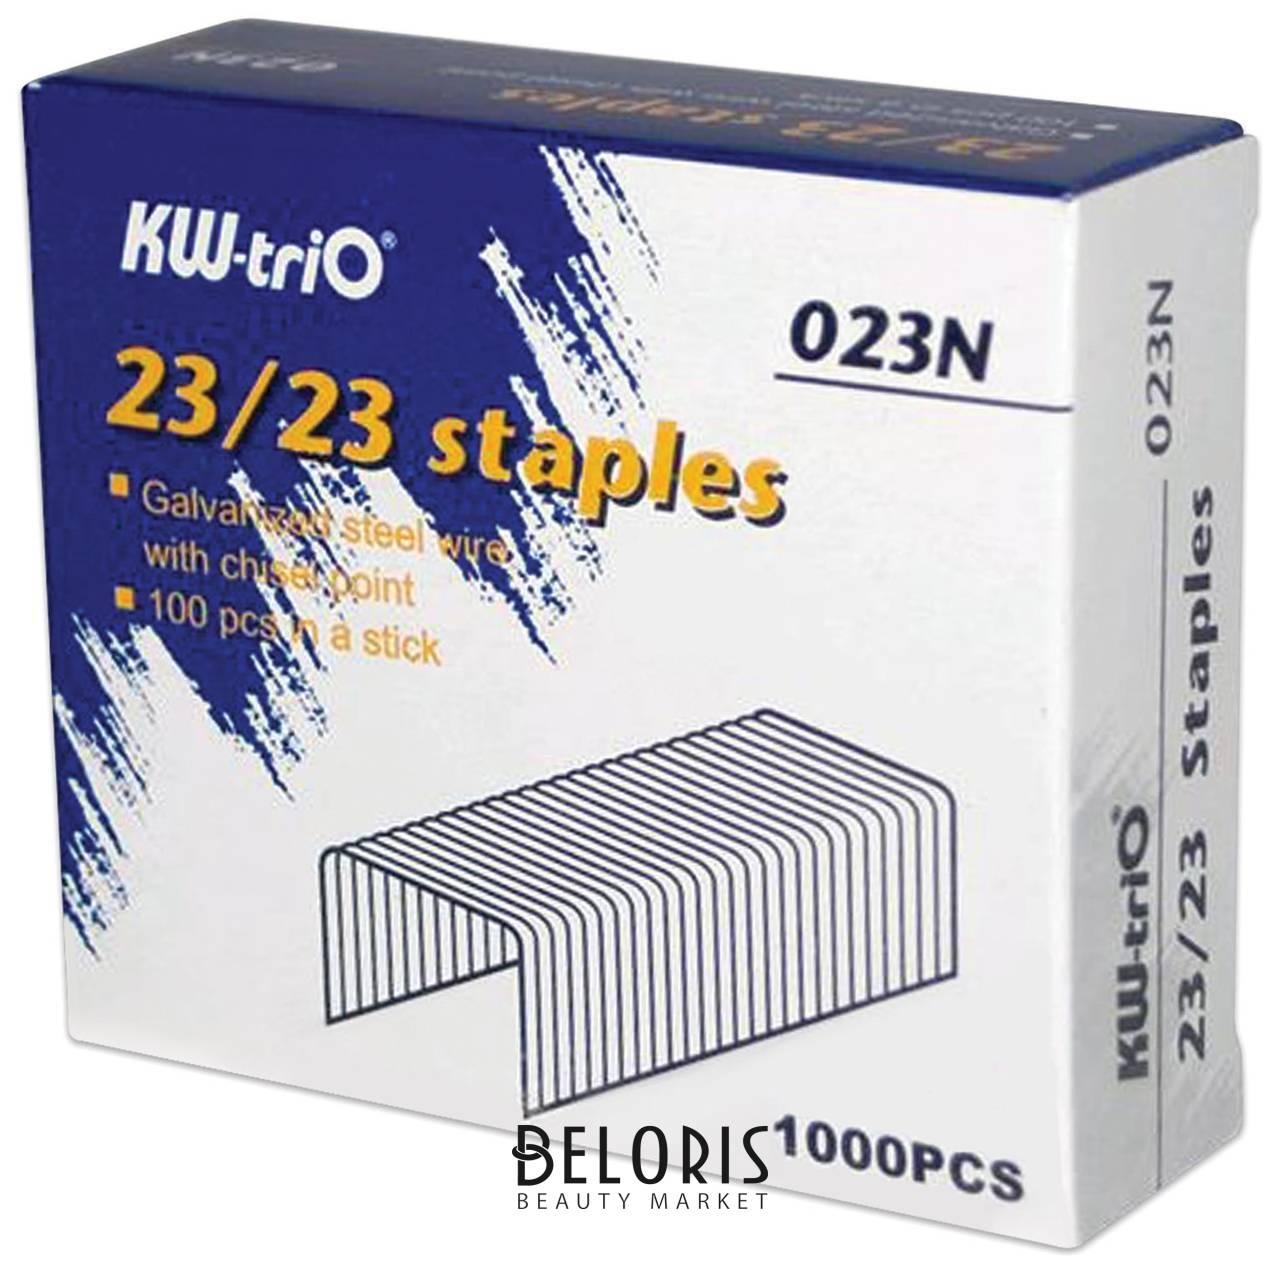 Скобы для степлера №23/23, до 200 листов Kw-trio